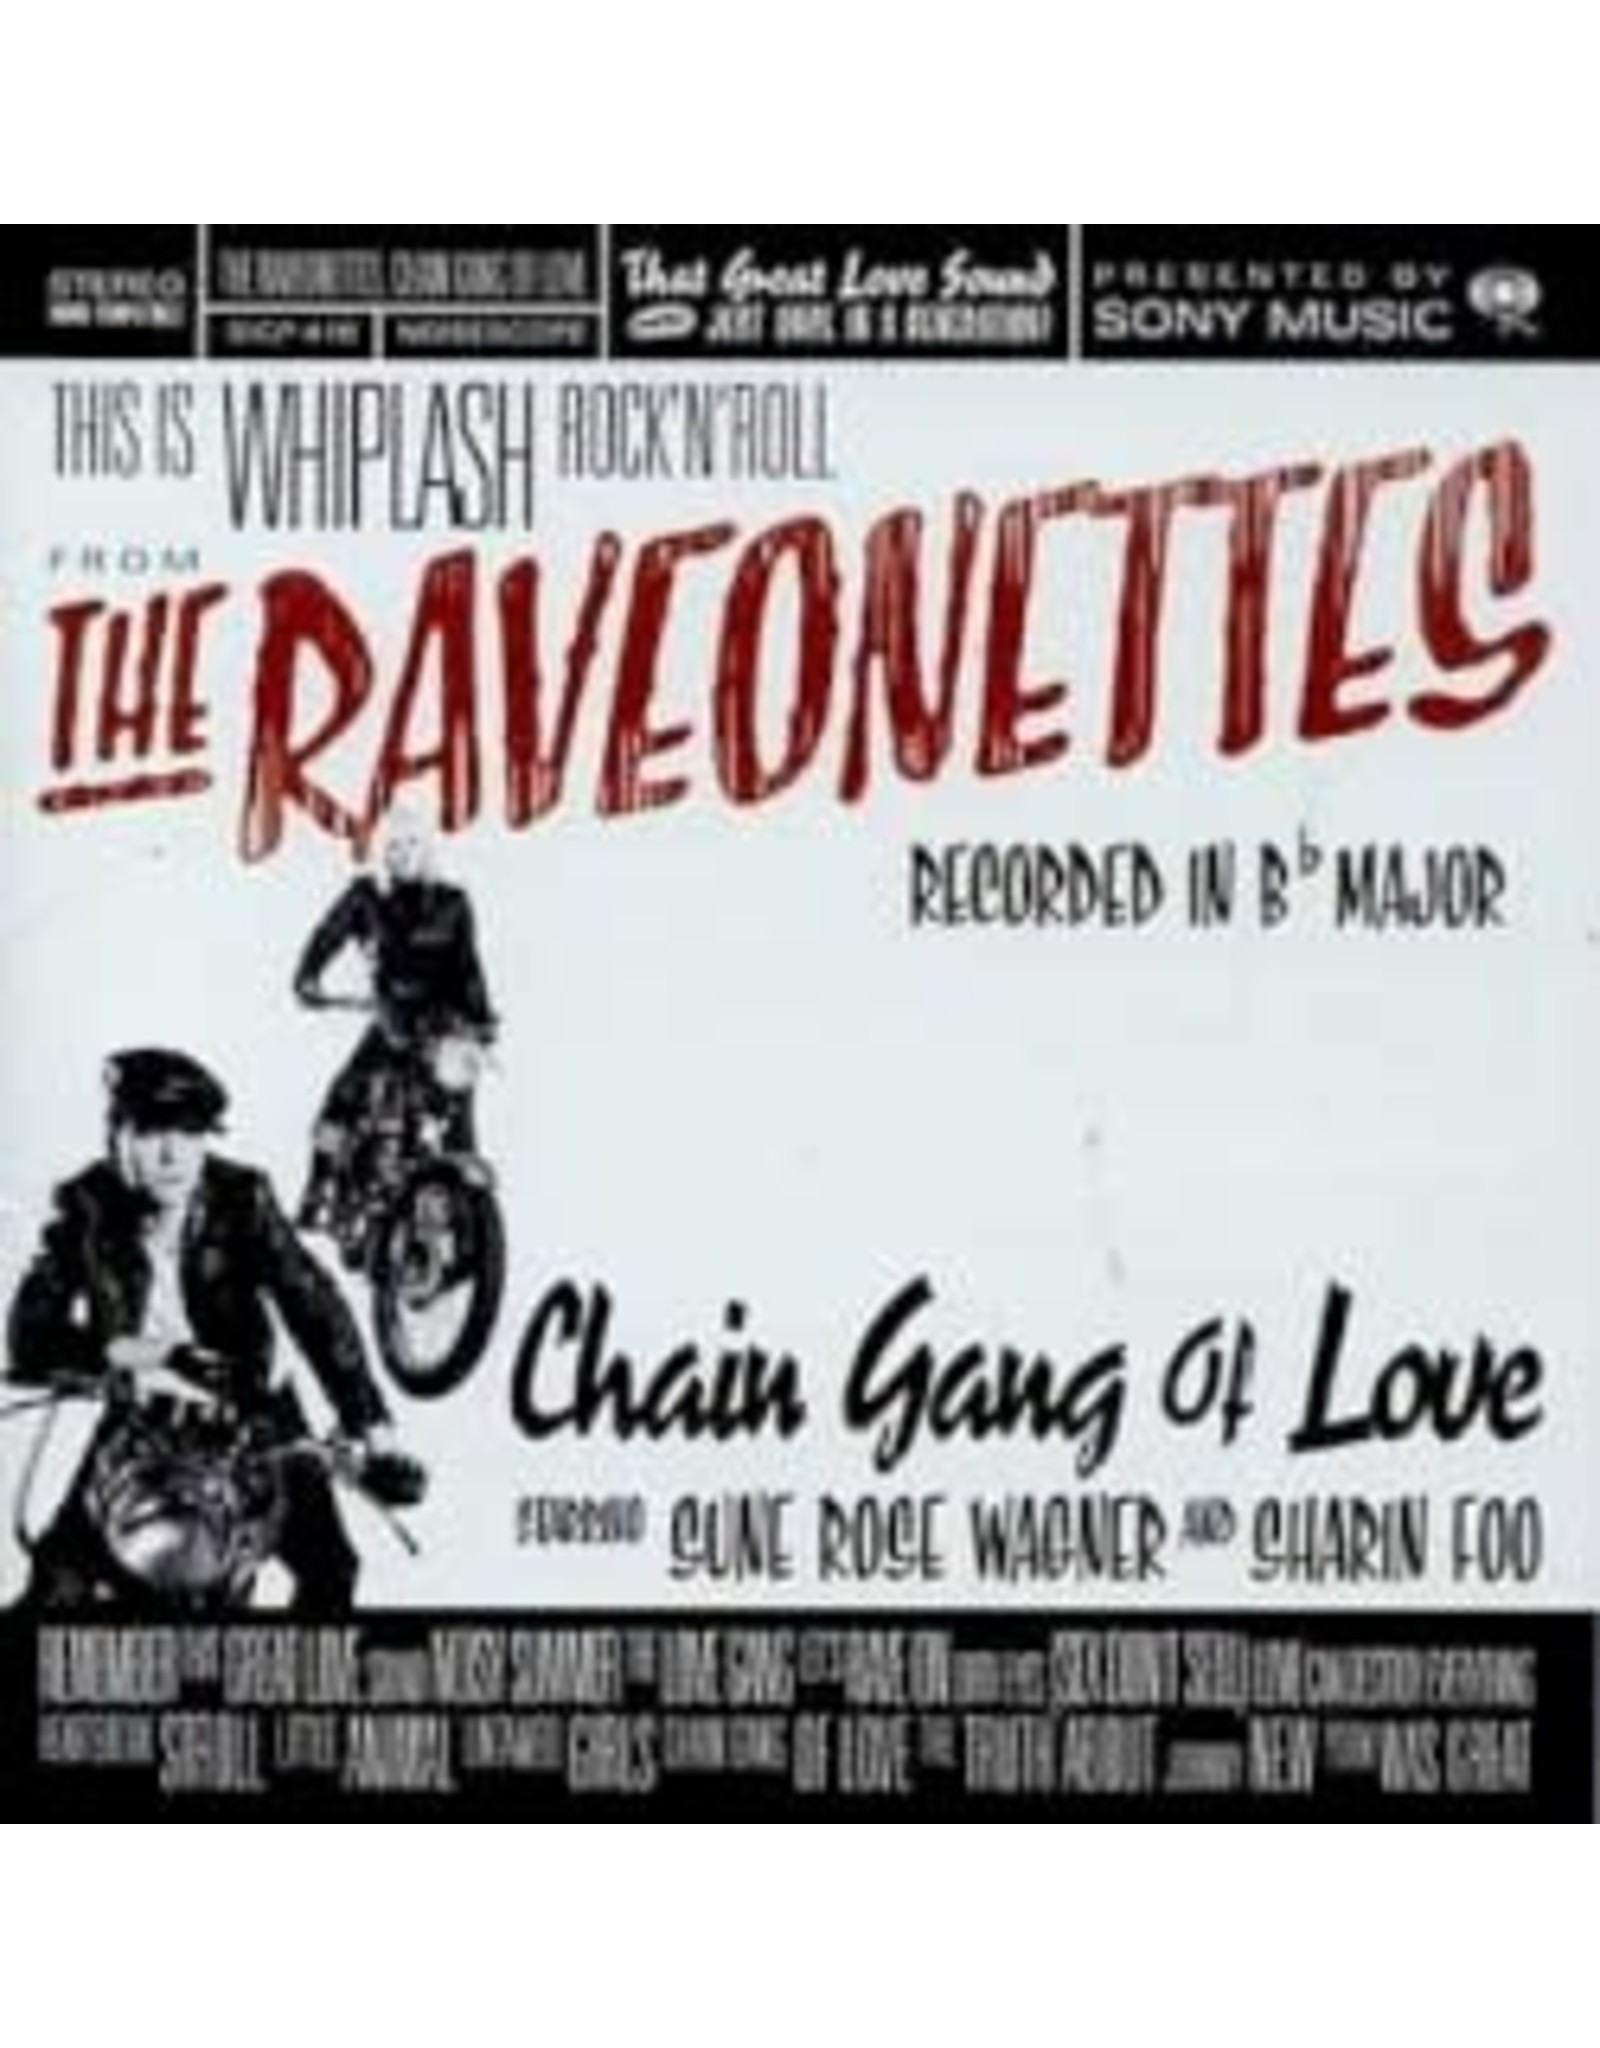 Raveonettes - Chain Gang Of Love LP (Music On Vinyl - Ltd Red Vinyl)